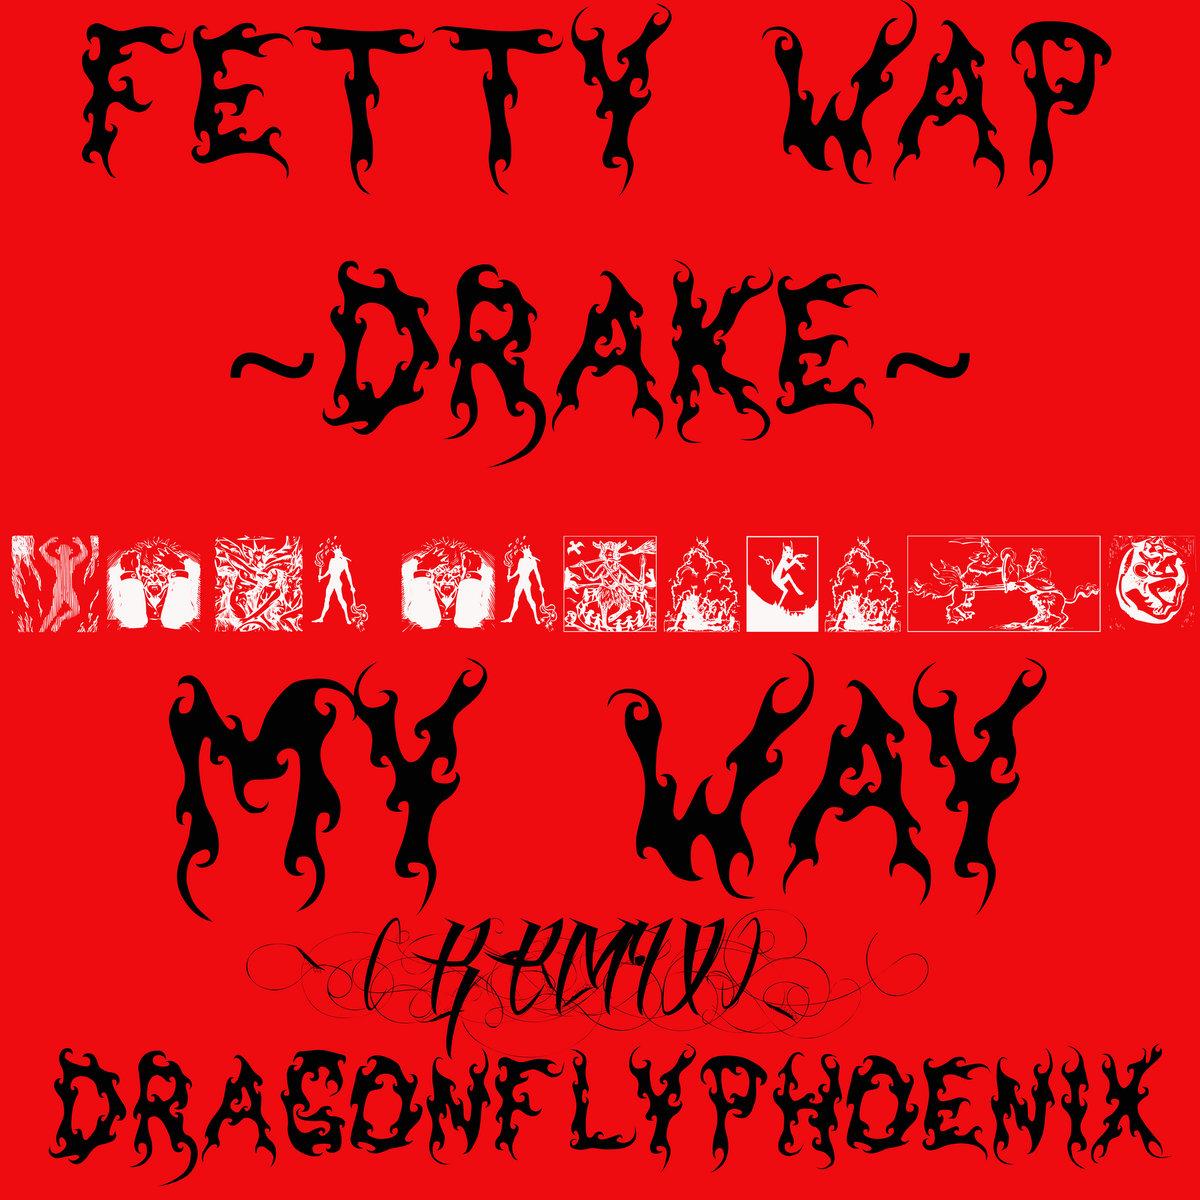 True Religion x My Way (Remix) FT  FETTY WAP & DRAKE